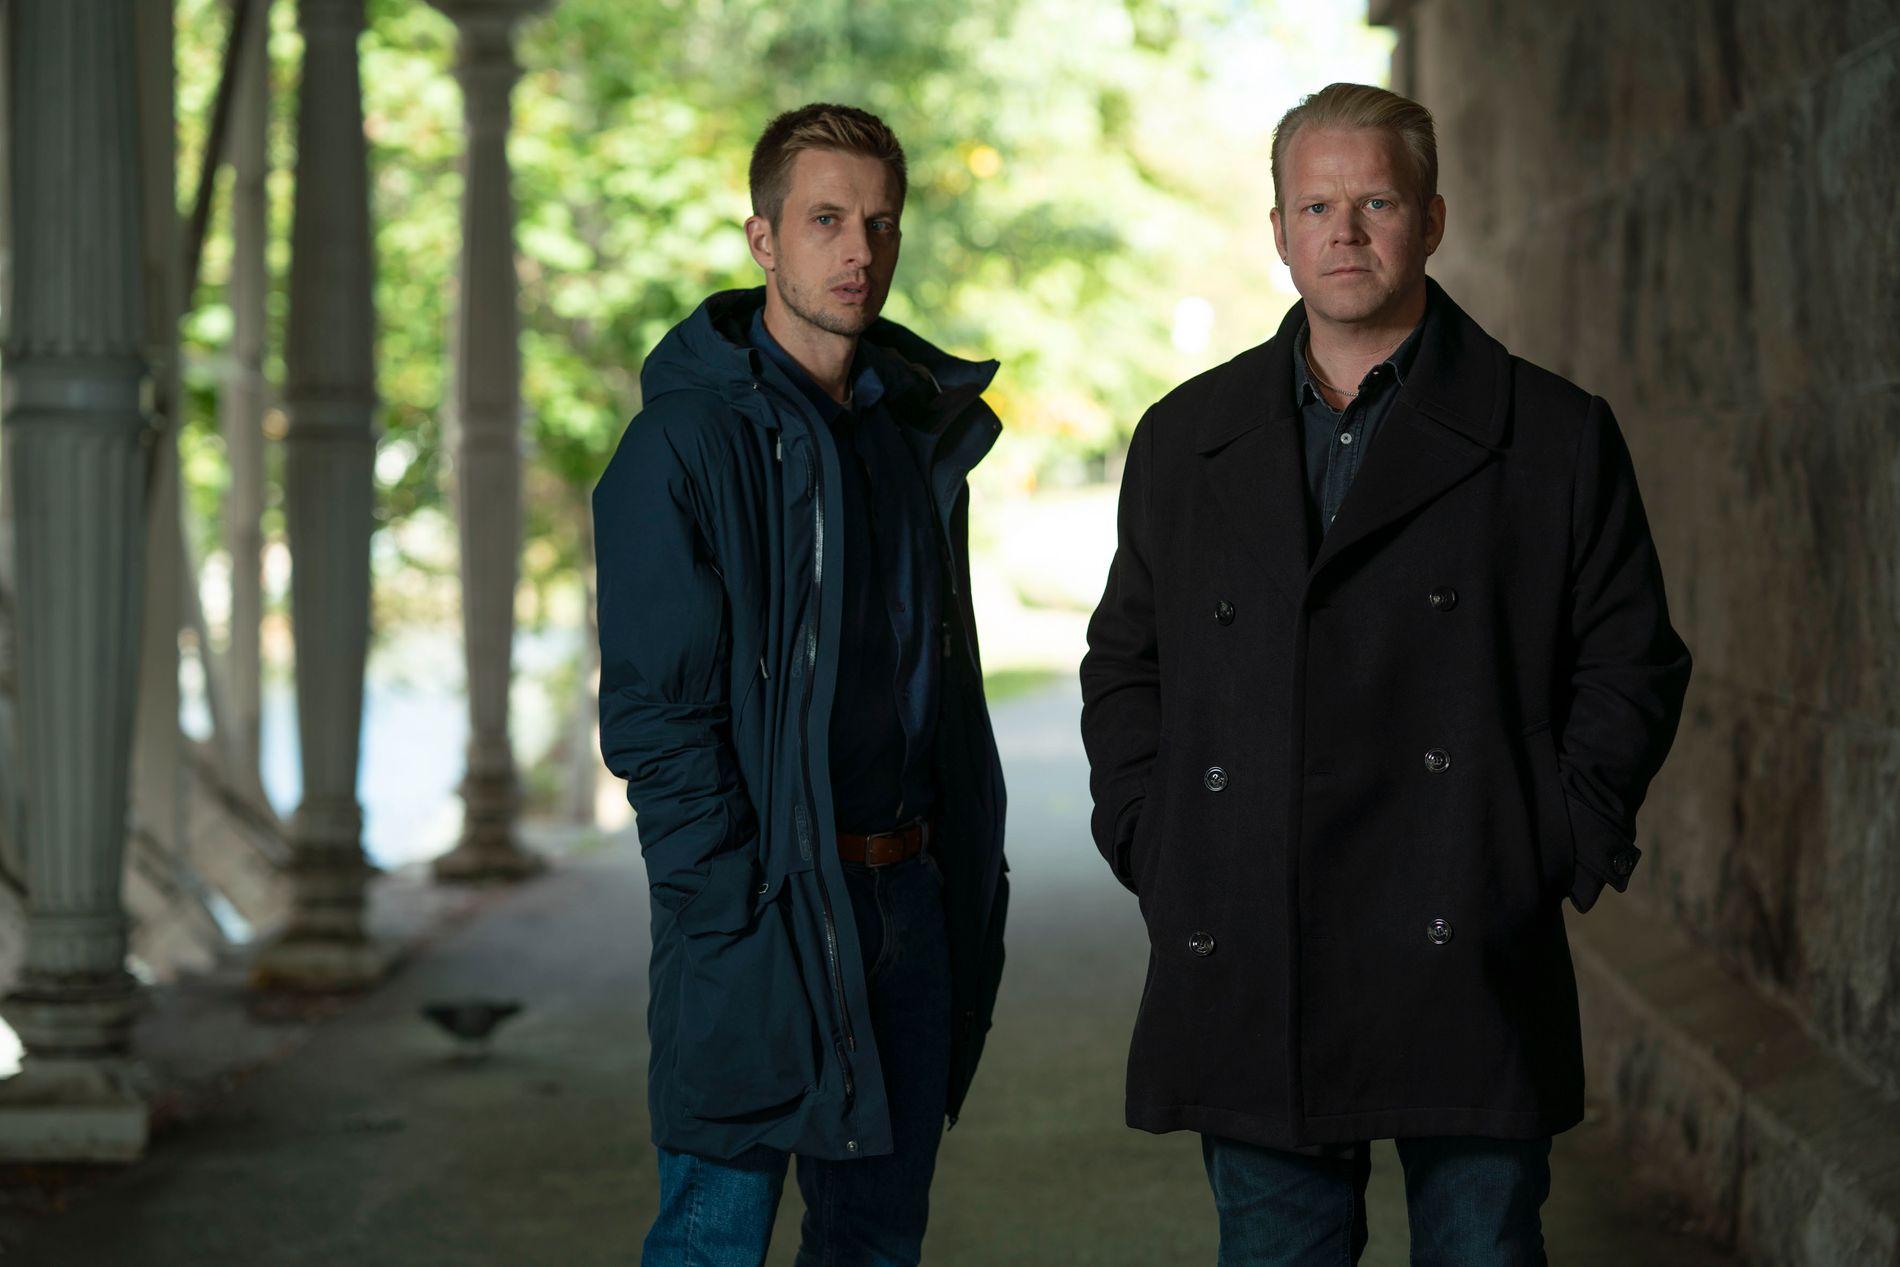 SERIEBRØDRE: Anders Danielsen Lie og Anders Baasmo har spilt brødre på serie før. Nå spiller de politikolleger - og motsetninger.